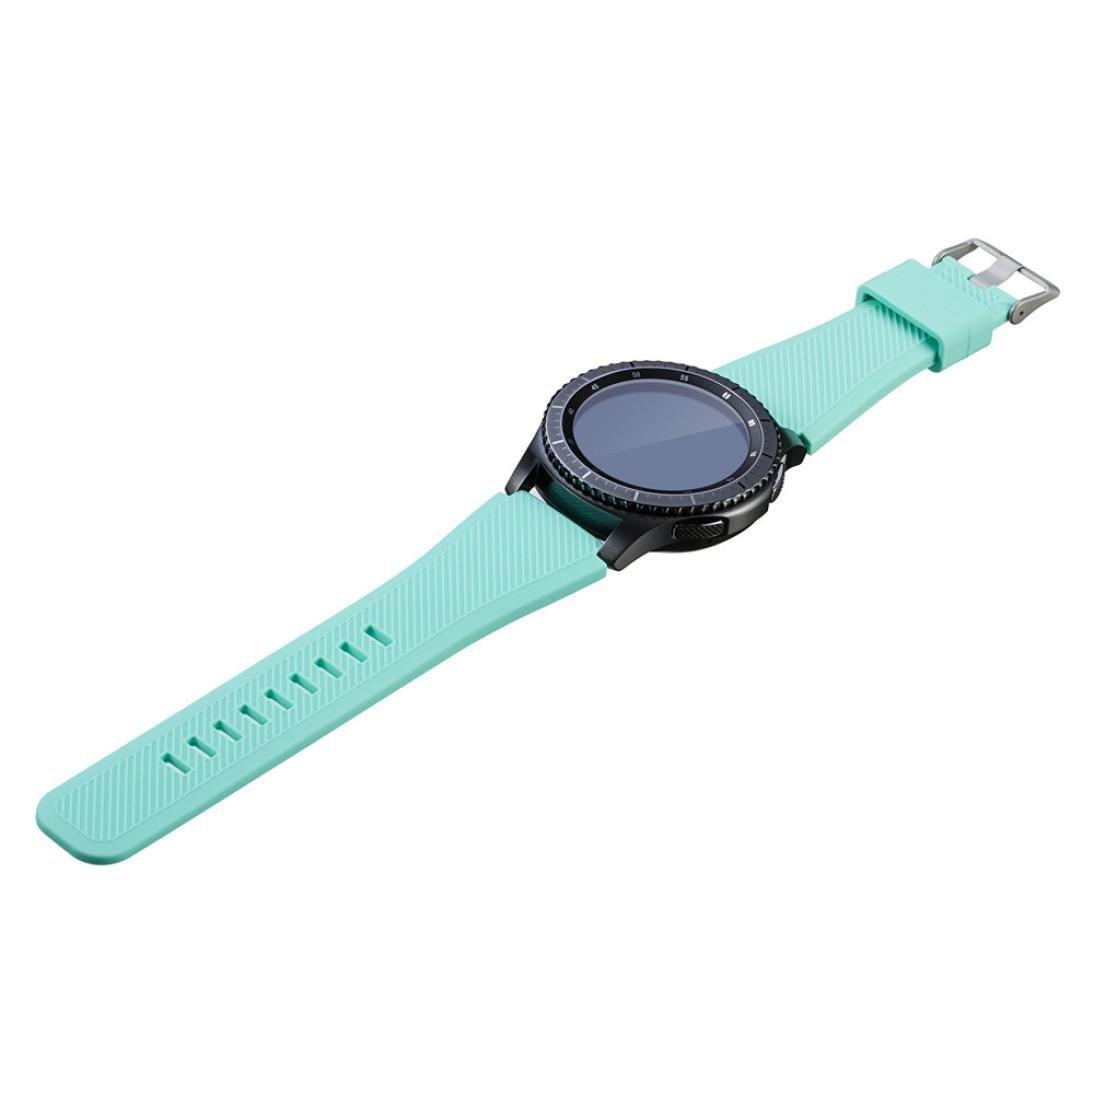 Altsommer F/ür Samsung Gear S3 ClassicSilikon Uhrenband mit Schnellverschluss f/ür Klassische Uhr und SmartwatchUhr-Armband-B/ügel-Band,Gro/ße Farbauswahl,Weiche Gummi Uhr Band Armee gr/ün